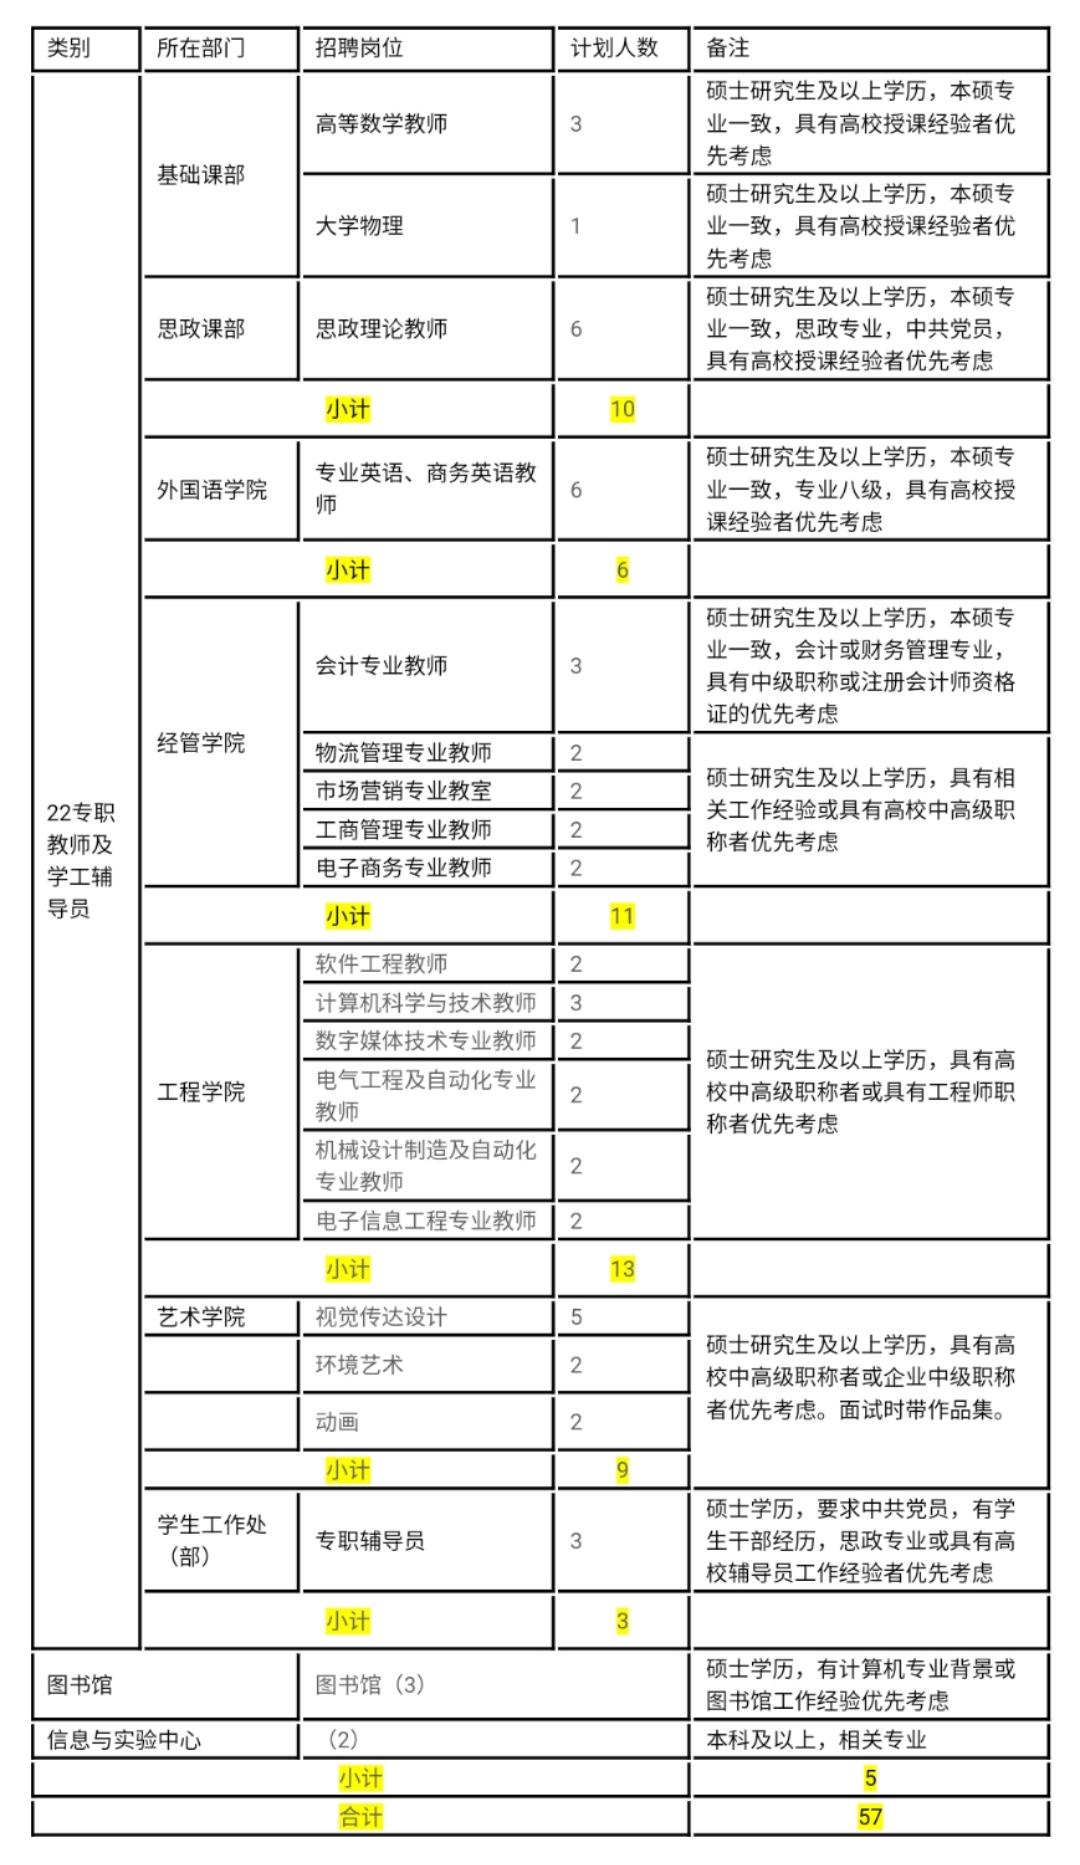 2020武汉纺织大学外经贸学院(藏龙岛校区)秋季招聘【57人】